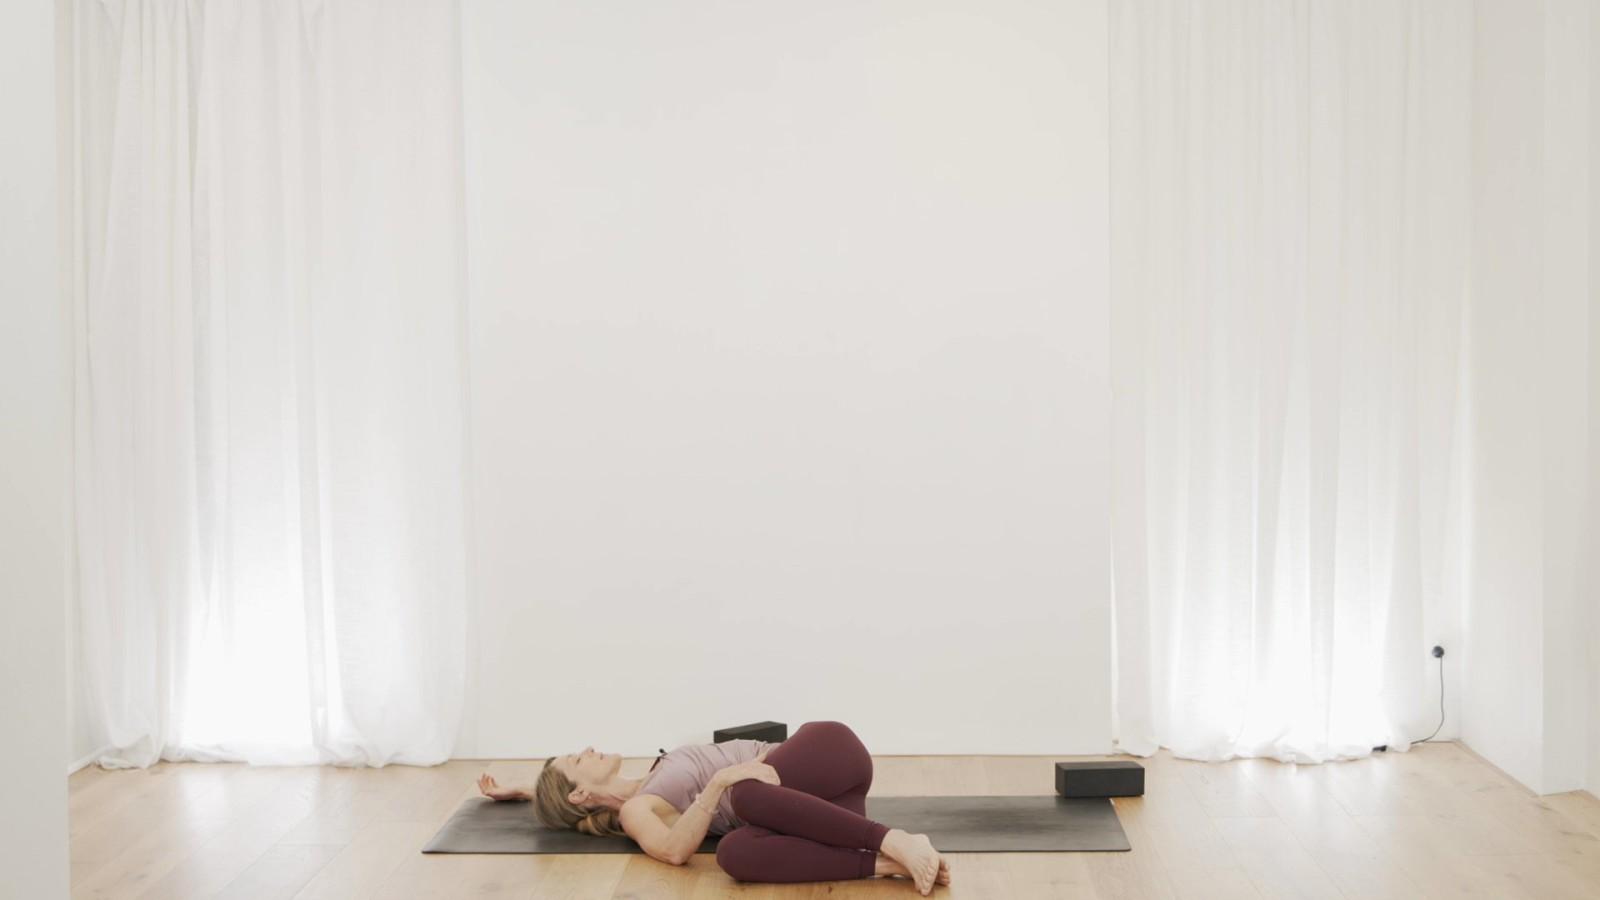 Hatha Effort-Less with Vanessa Mitchell